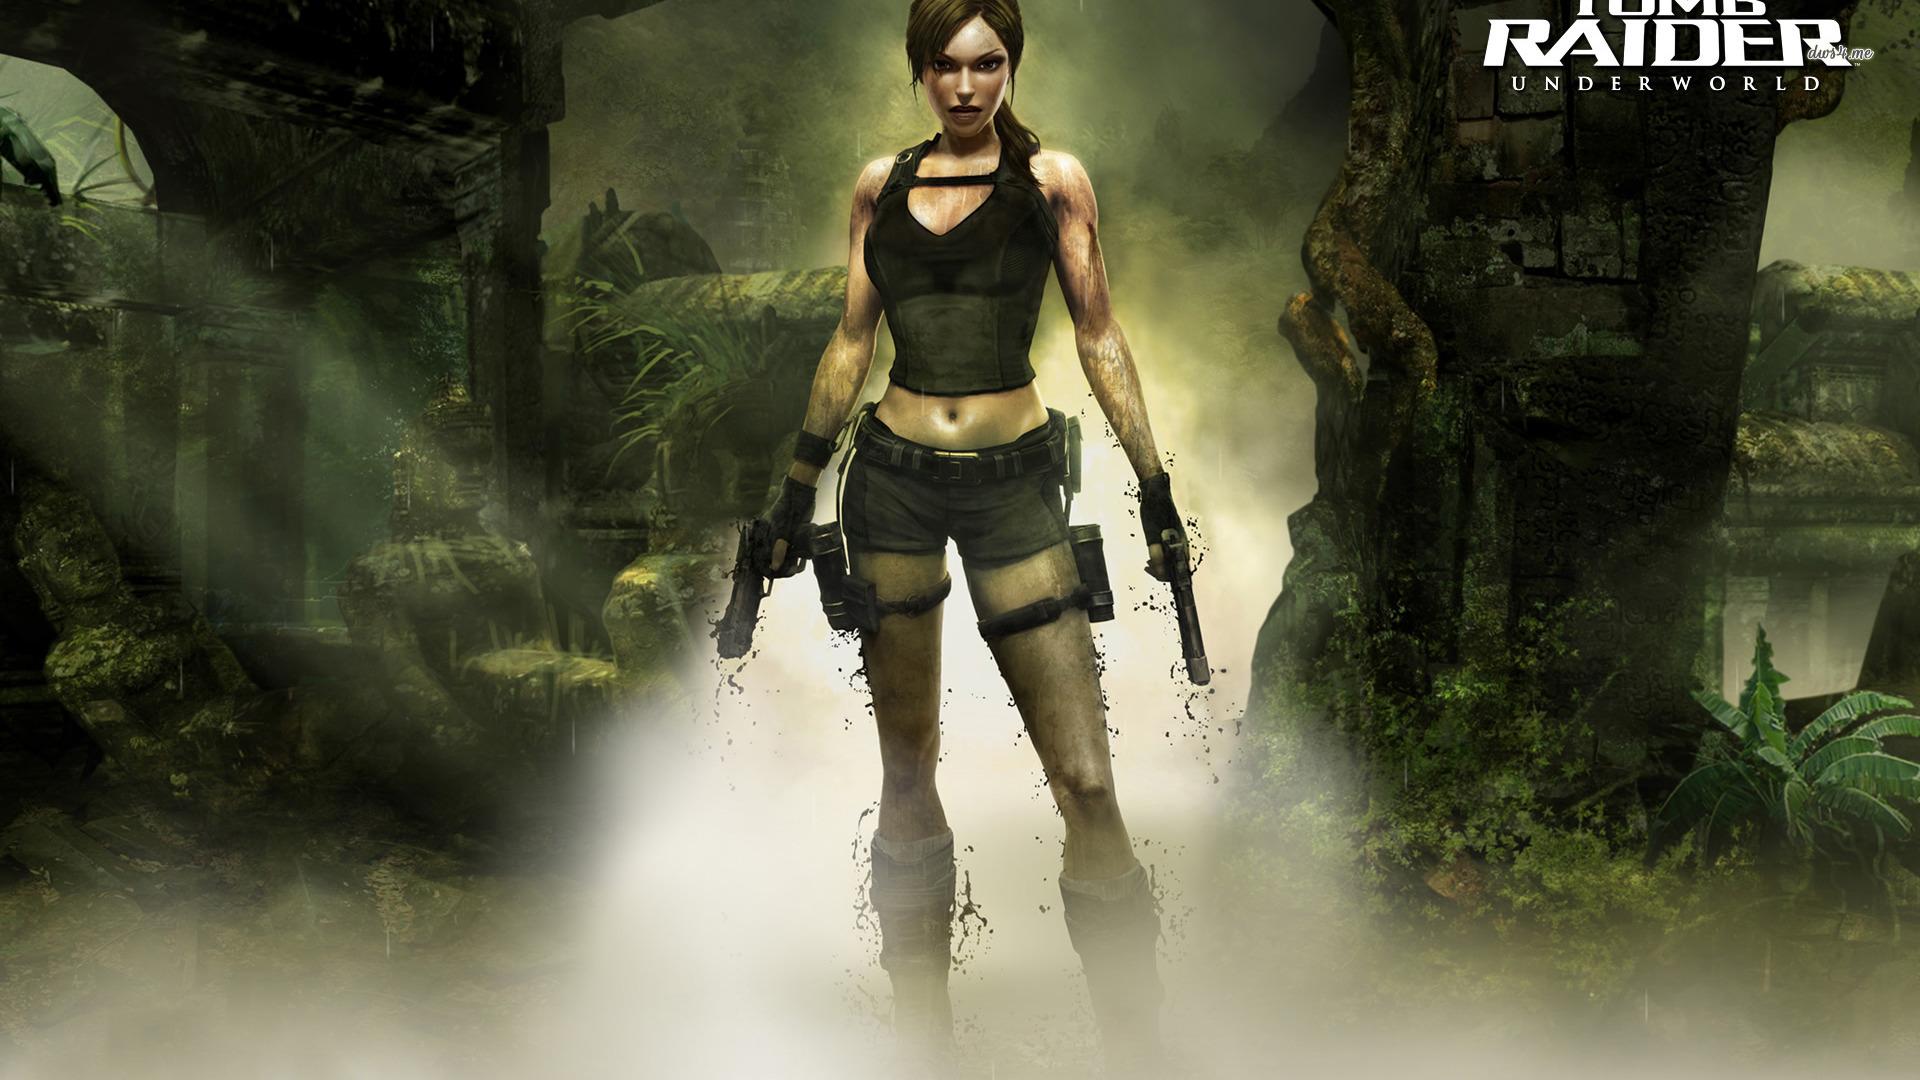 Lara croft underworld erotic picture